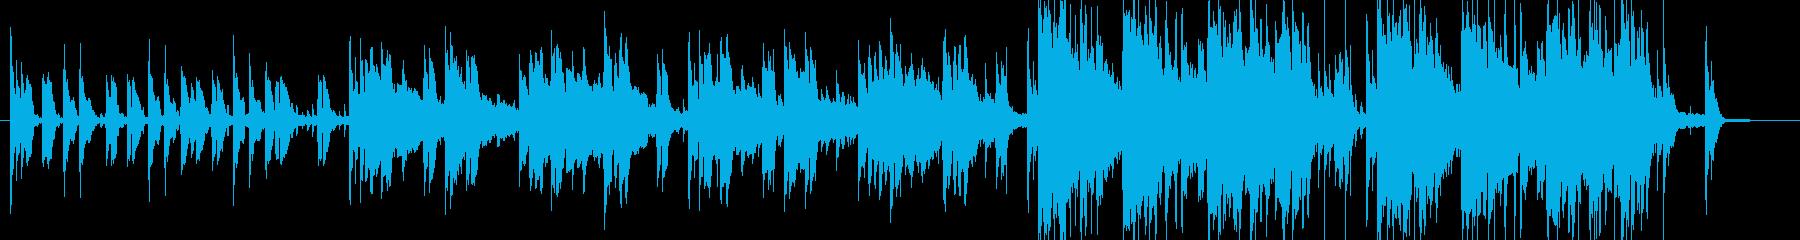 ポップ テクノ アンビエント 民謡...の再生済みの波形